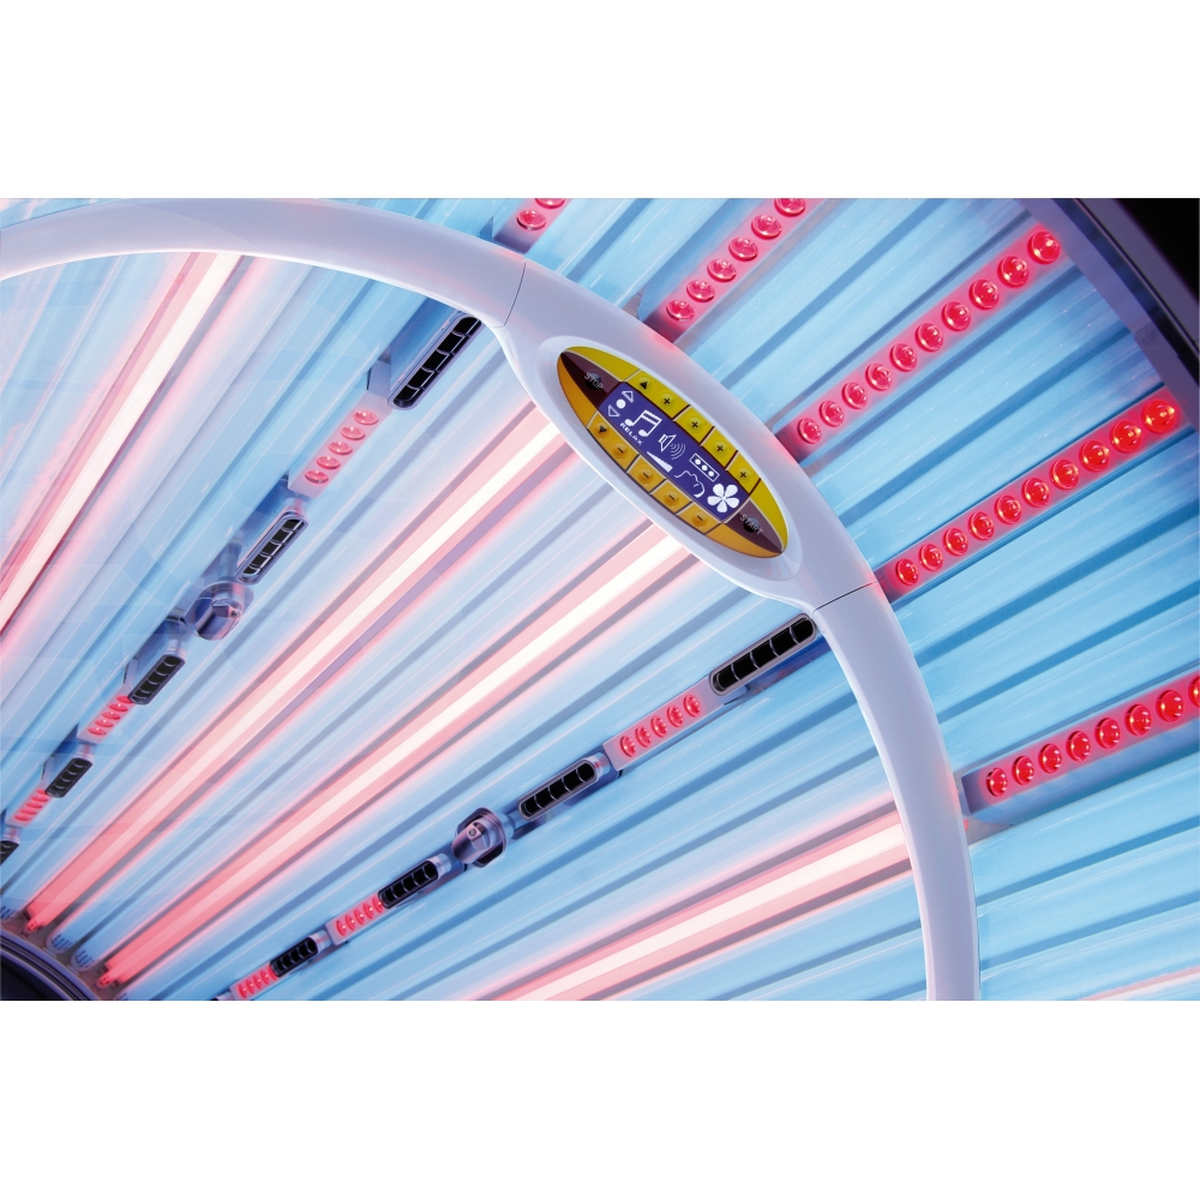 Megasun Optima Delux - sunmarket